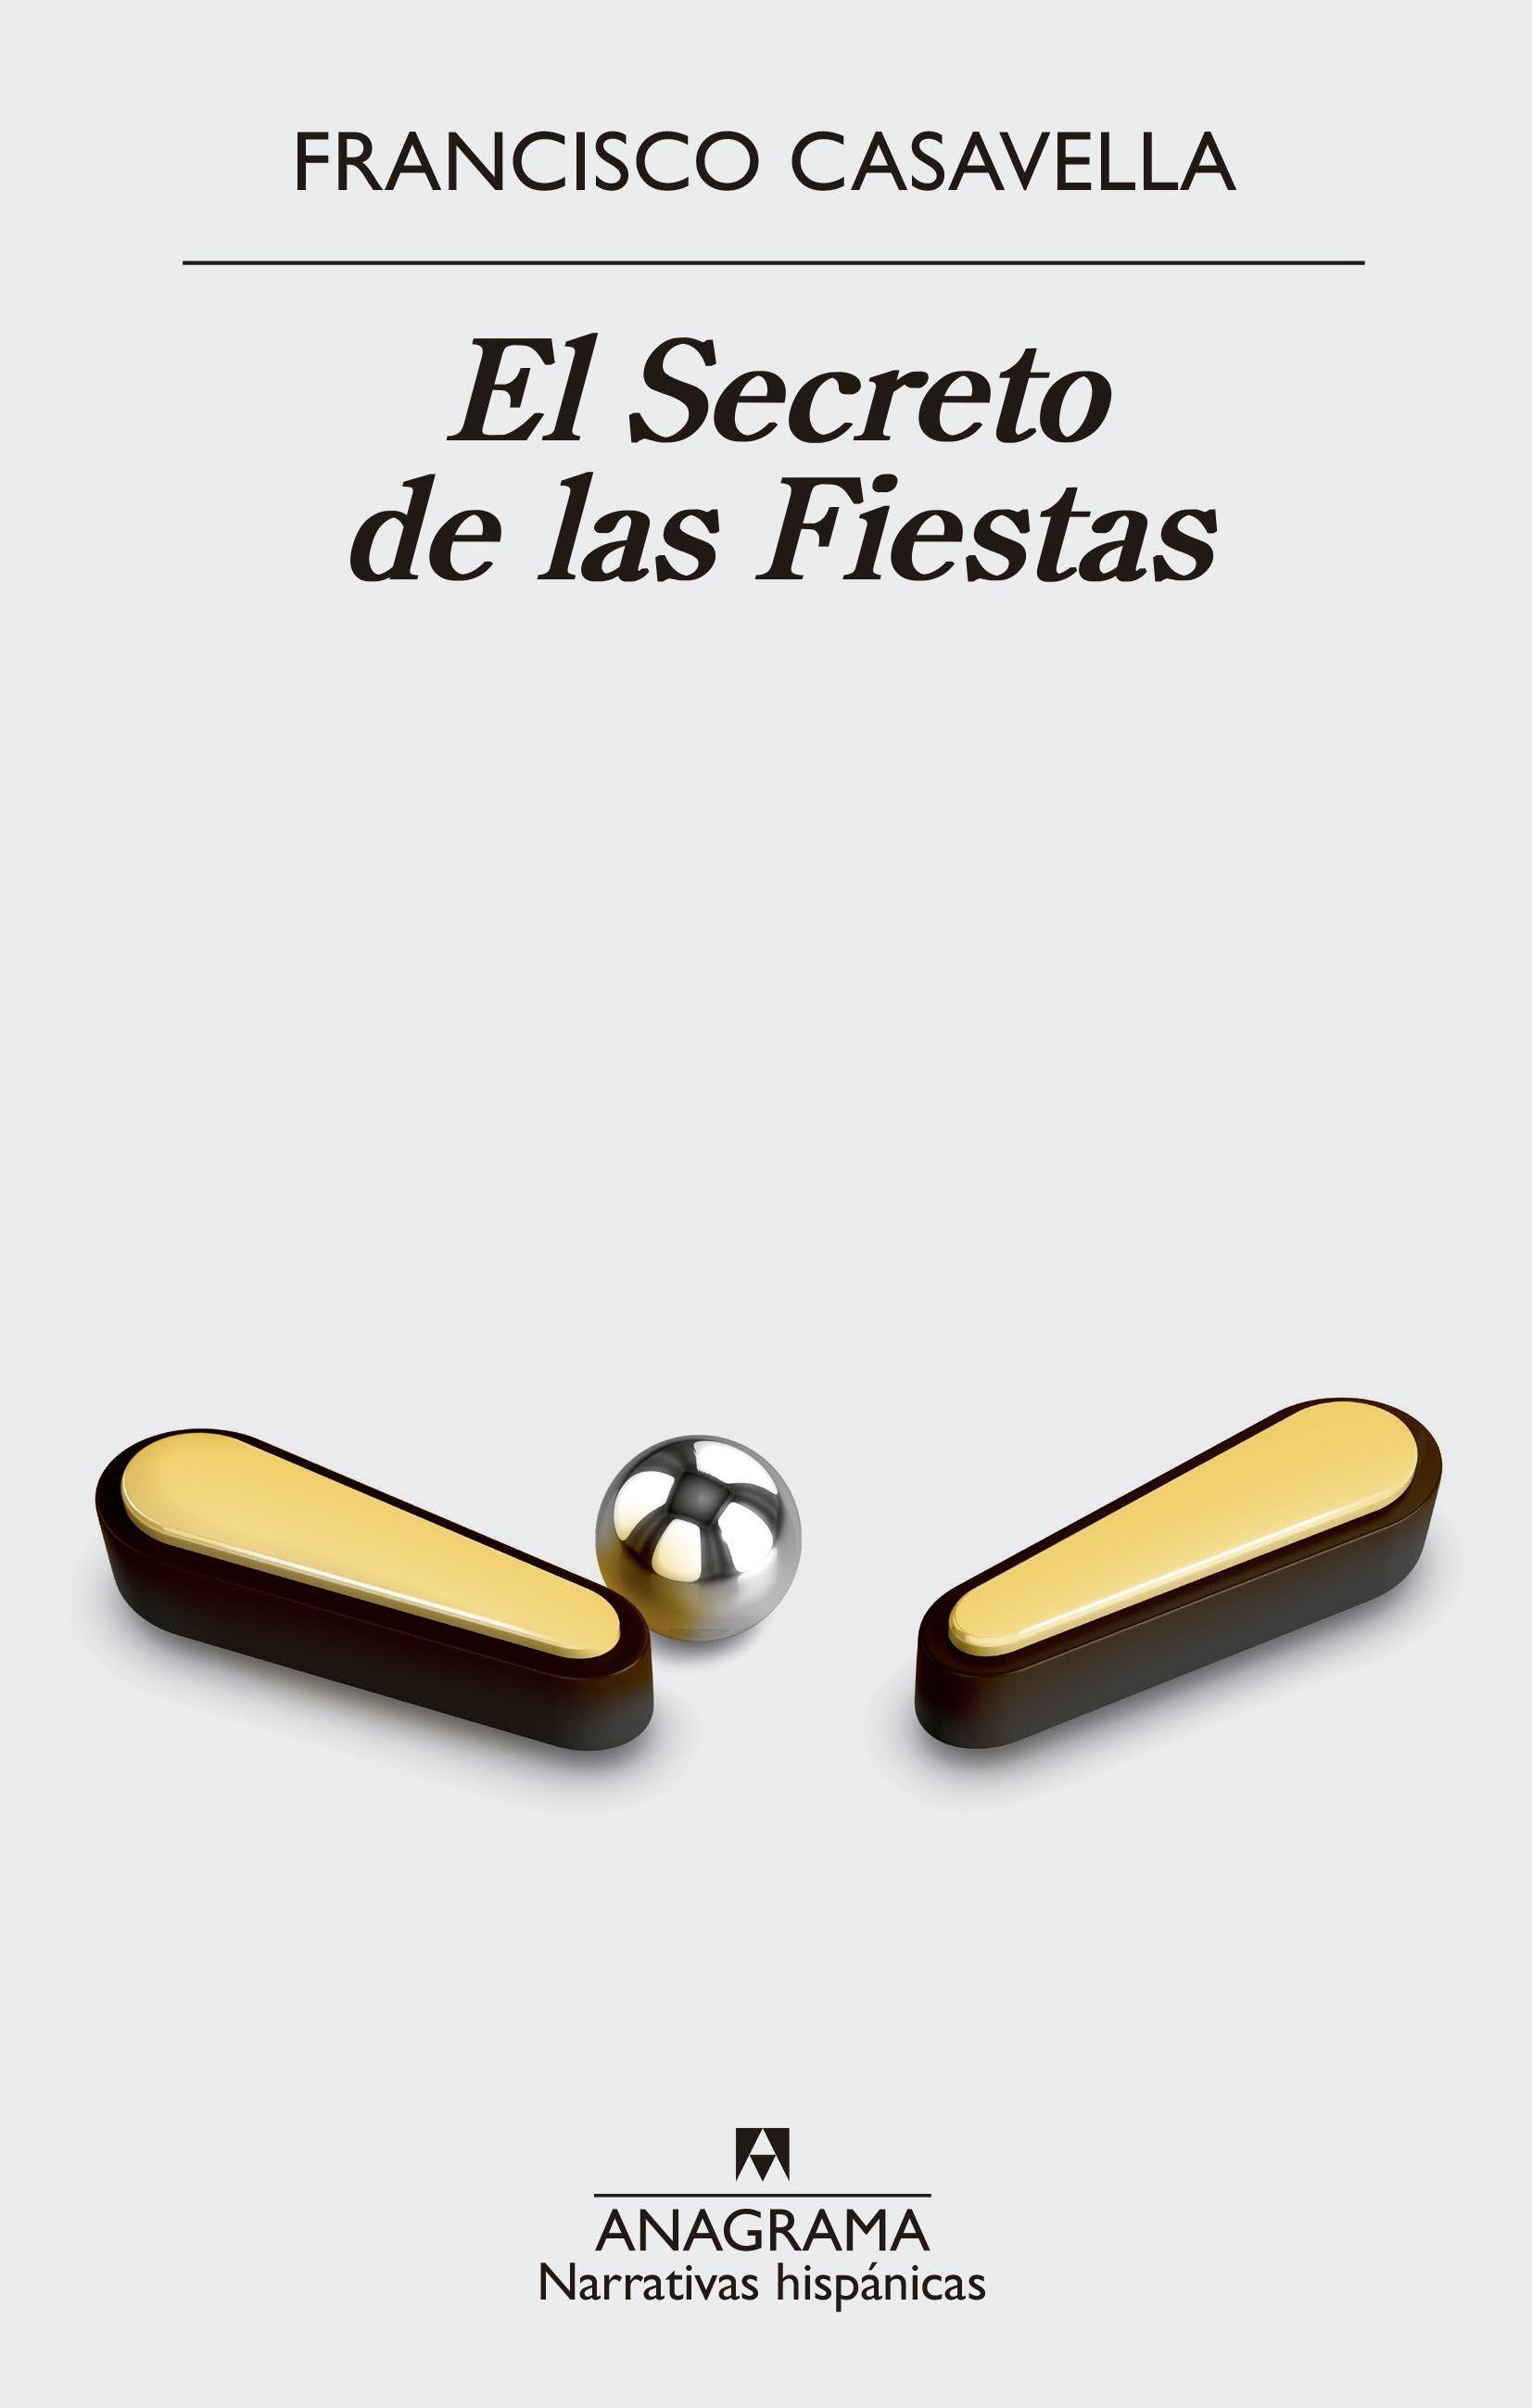 El Secreto De Las Fiestas Francisco Casavella El Secreto Libros Novedades Literarias